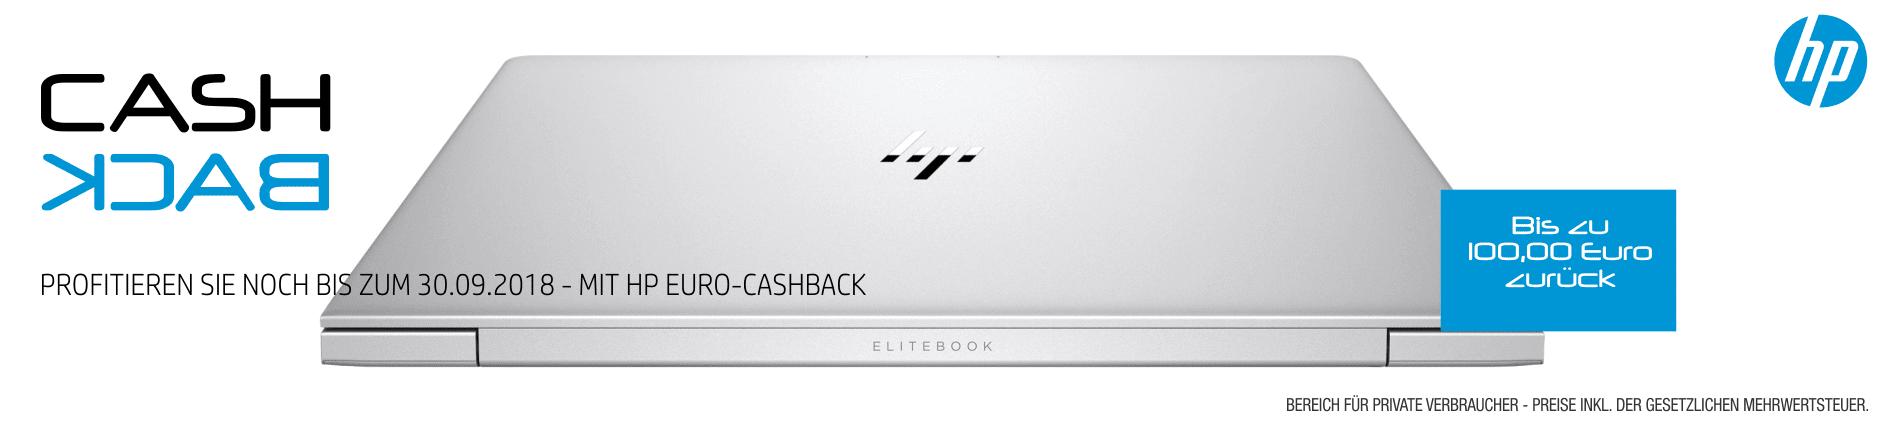 HP_Cloudmarkt_Euro_Cashback_1900_X3